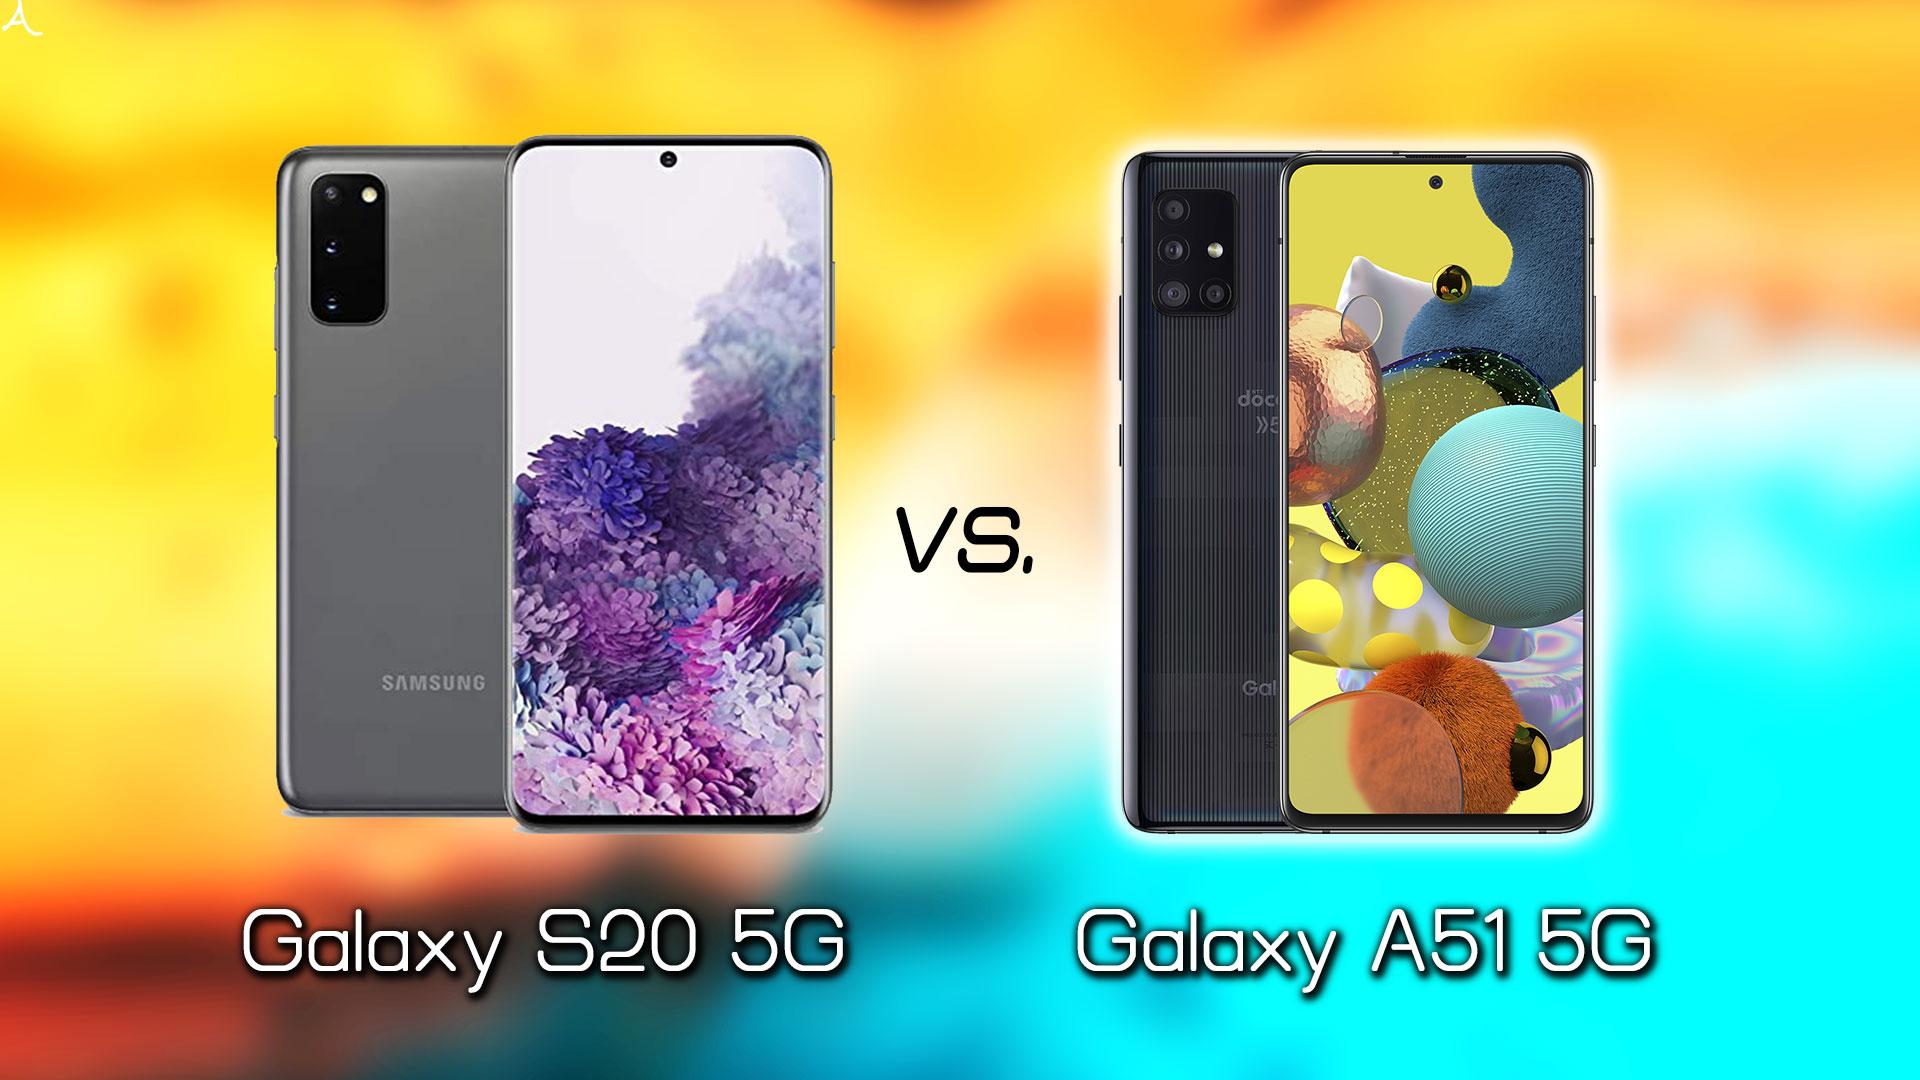 「Galaxy S20 5G」と「Galaxy A51 5G」の違いを比較:どっちを買う?